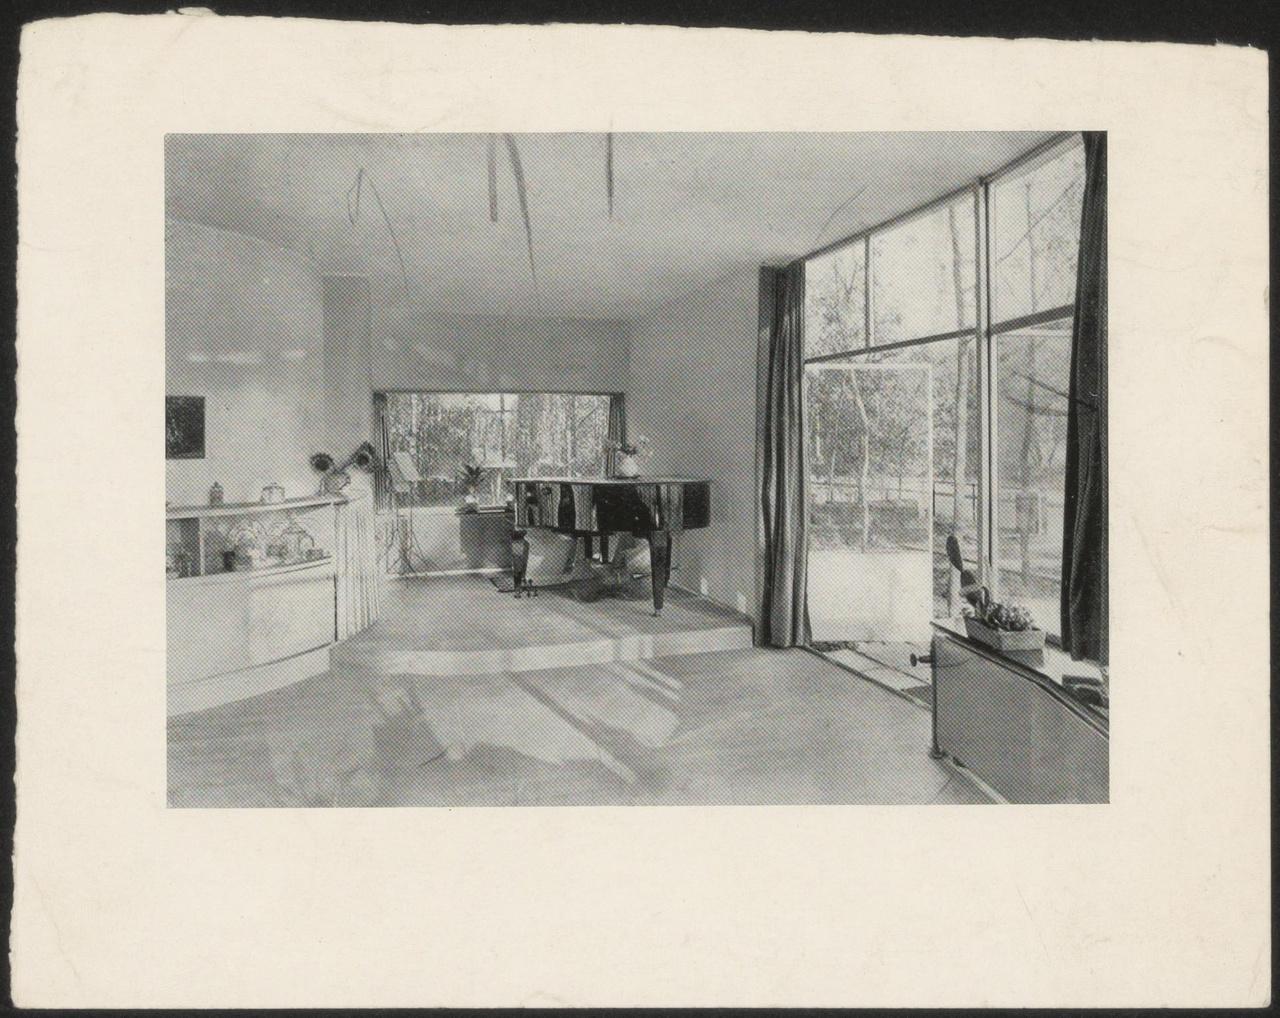 Afbeelding van woning Mees, interieur met piano en open deuren